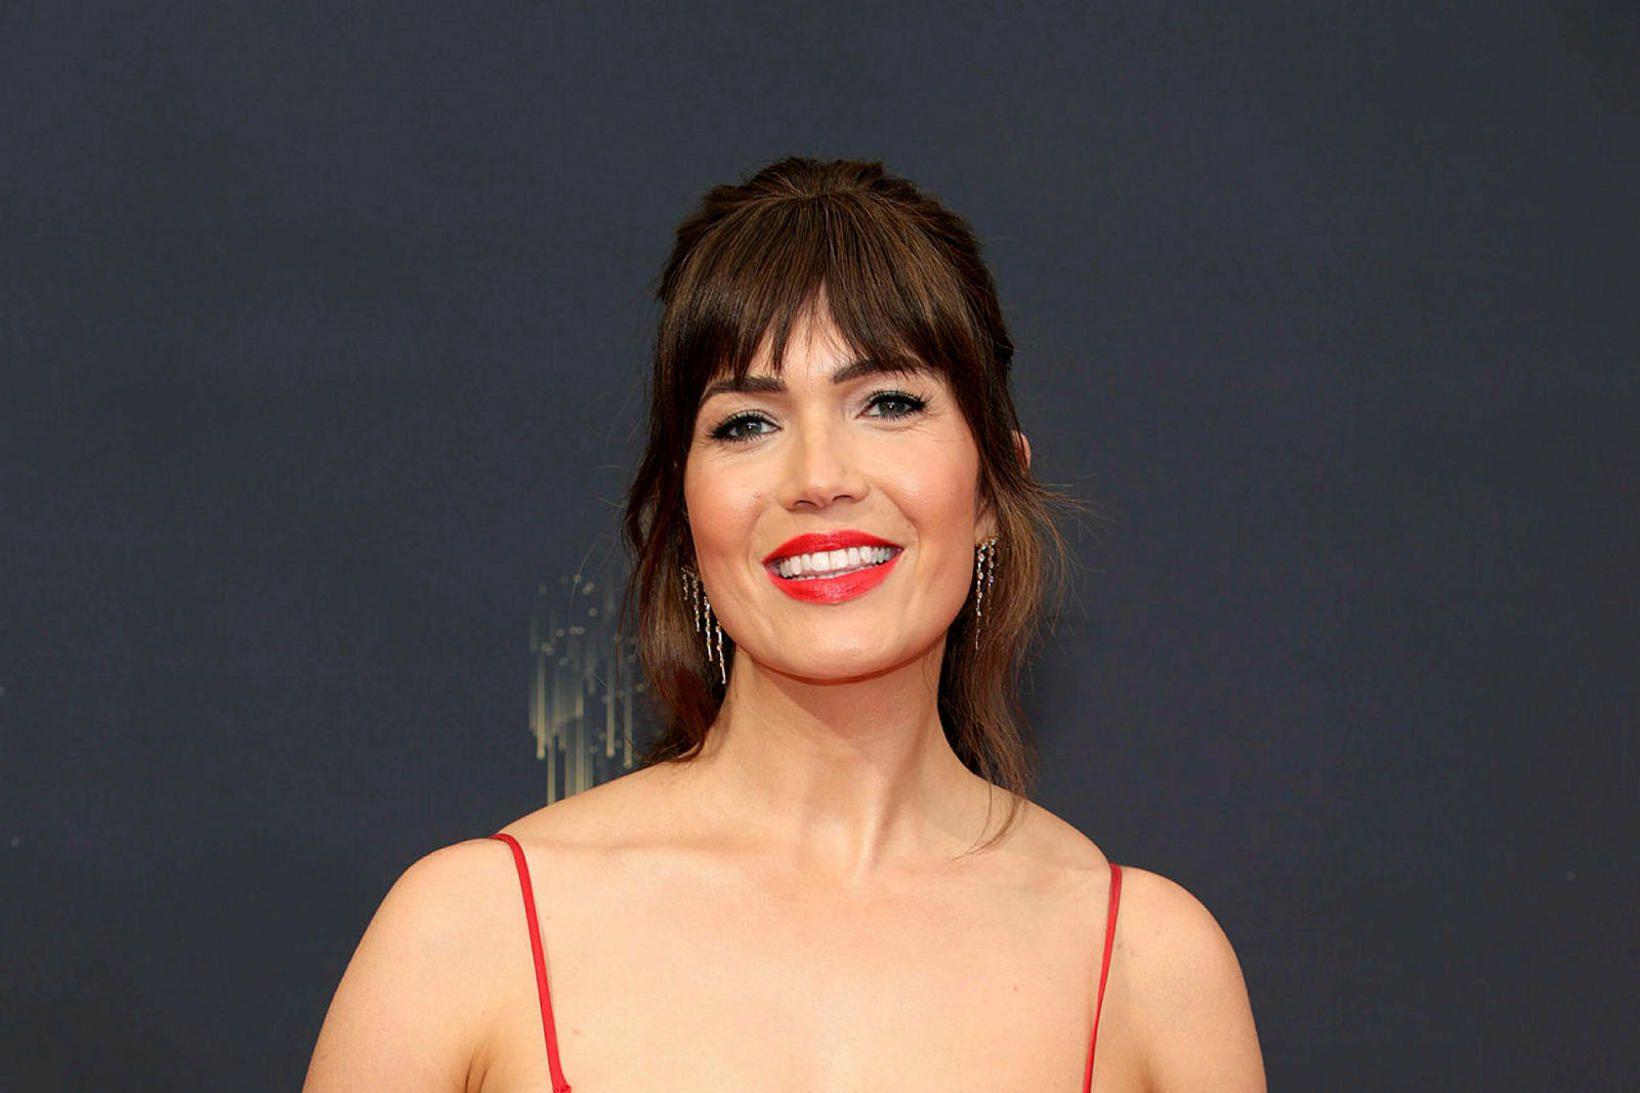 Mandy Moore á rauða dreglinum fyrir Emmy-verðlaunahátíðina. Brjóstapumpan var ekki …